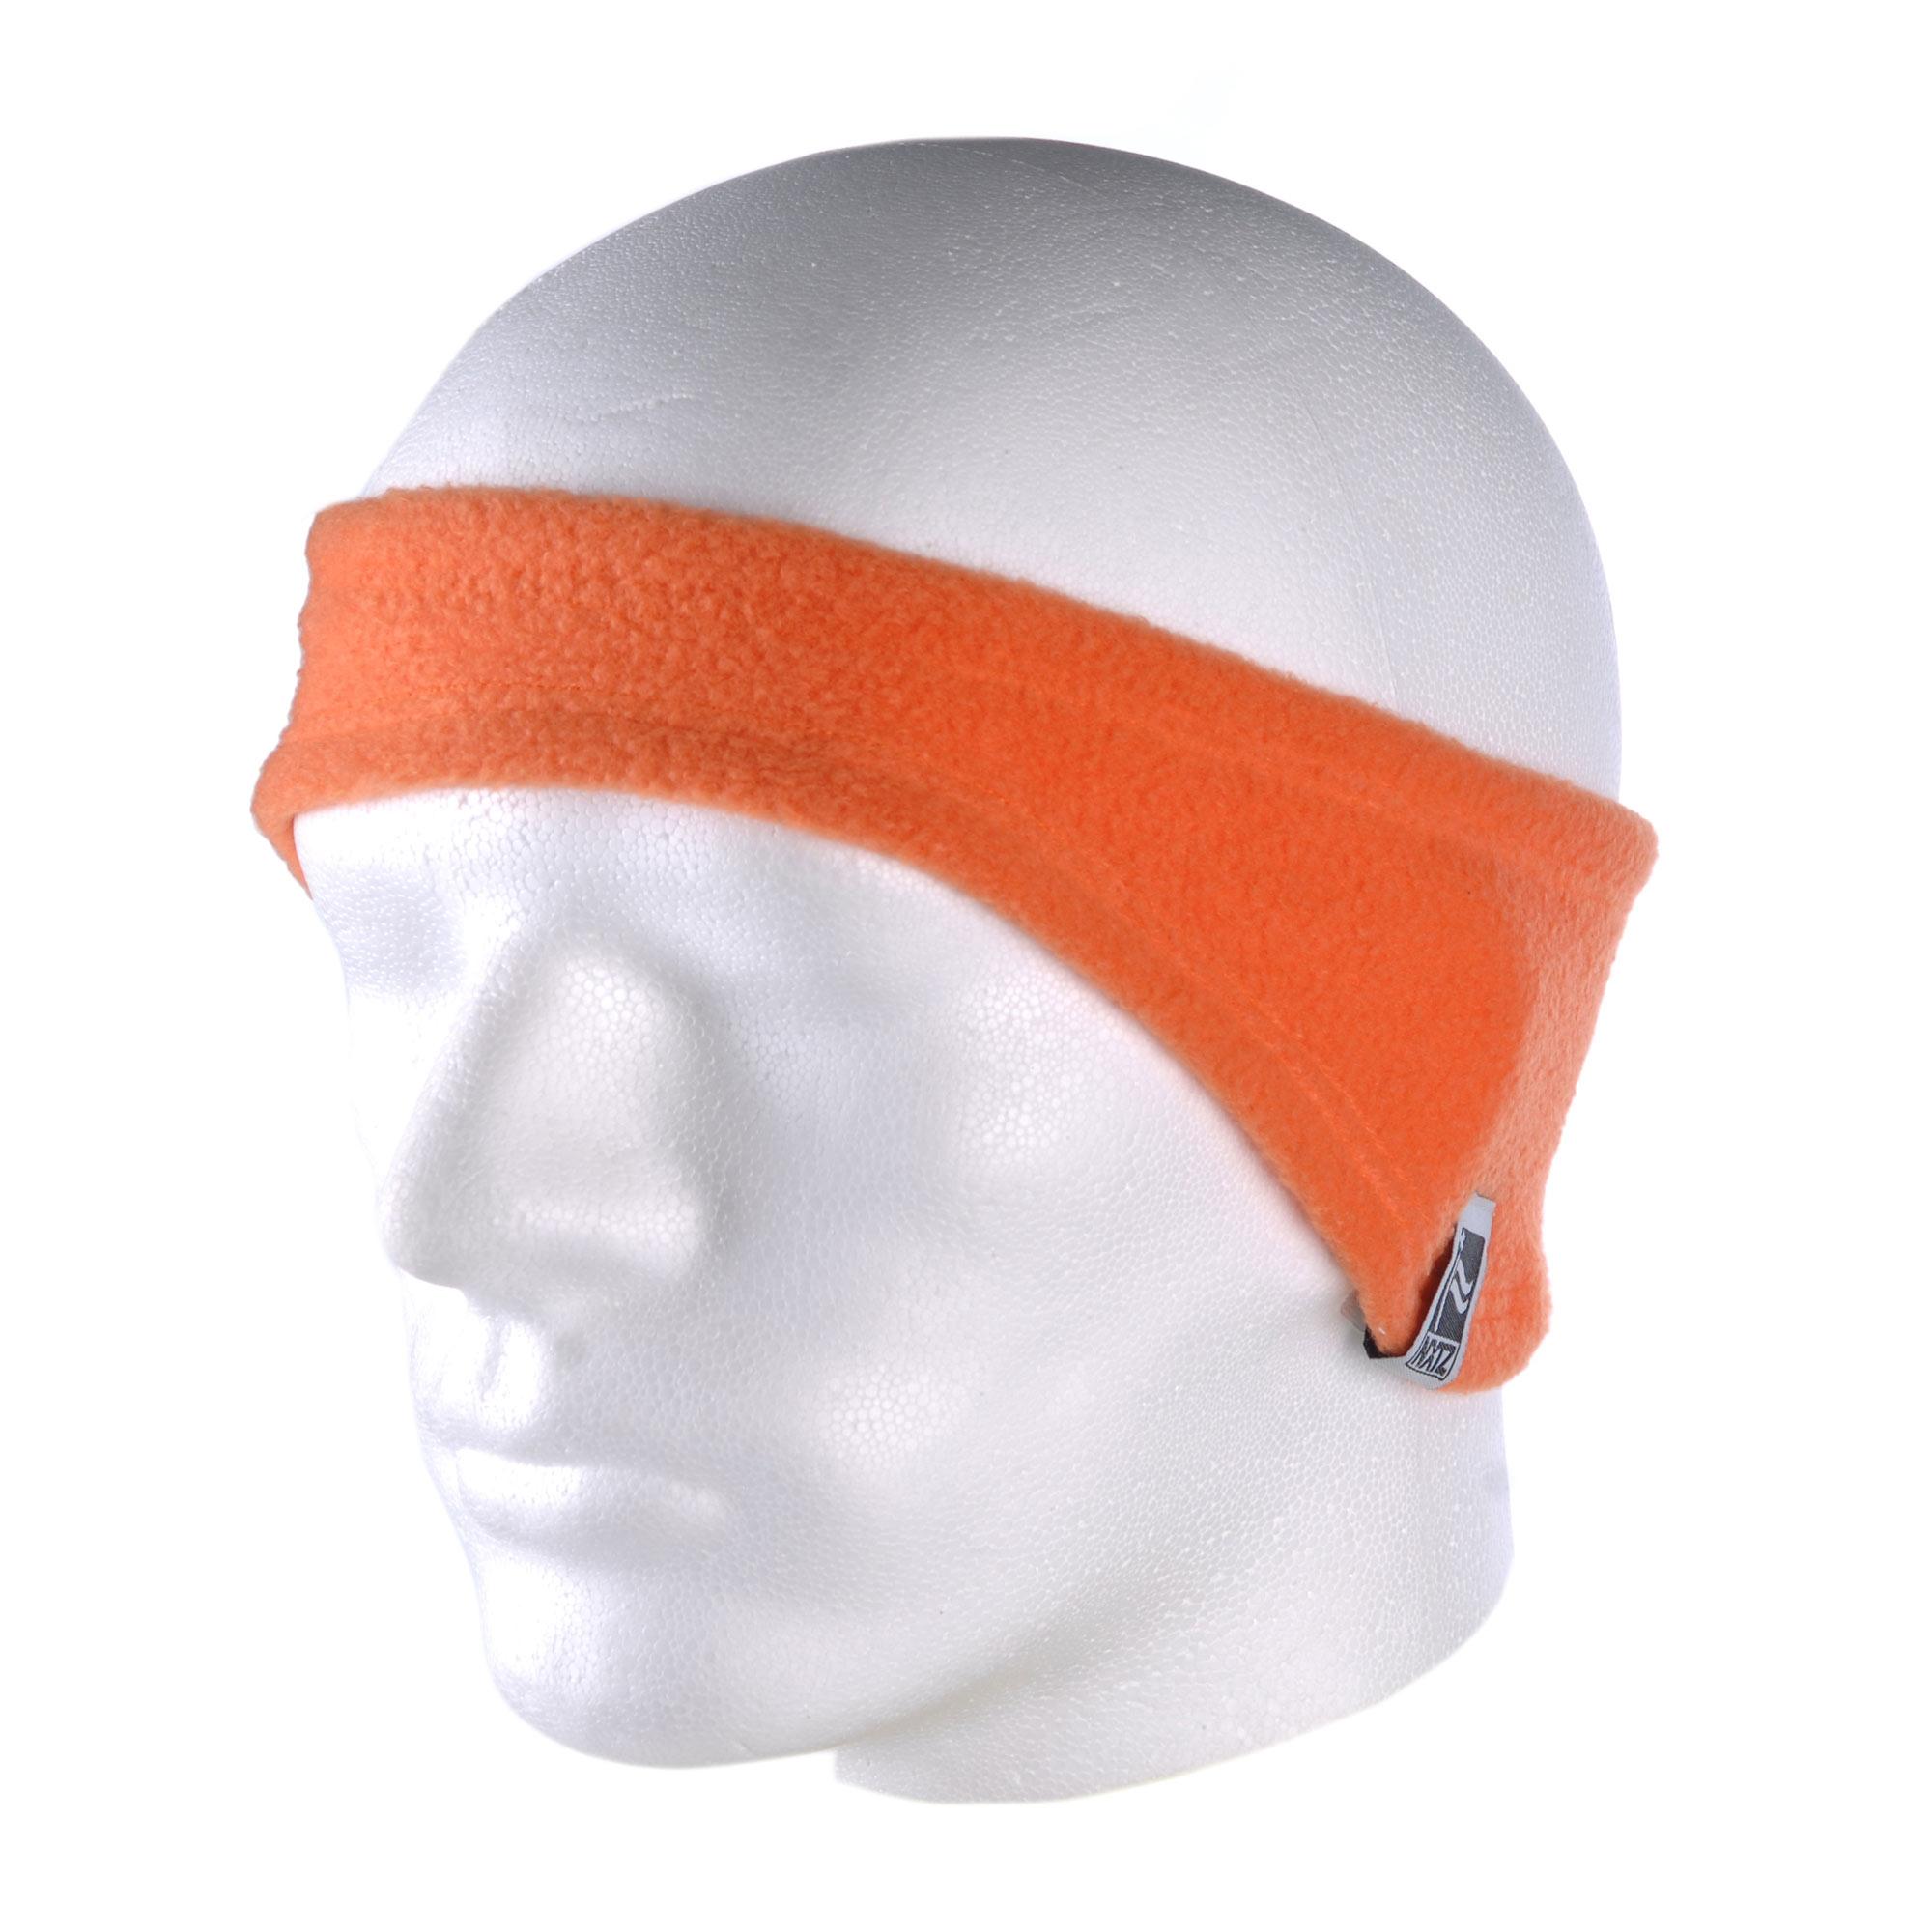 Zimní čepice NXTZ Fleece Earband orange 11/12 + doručení do 24 hodin